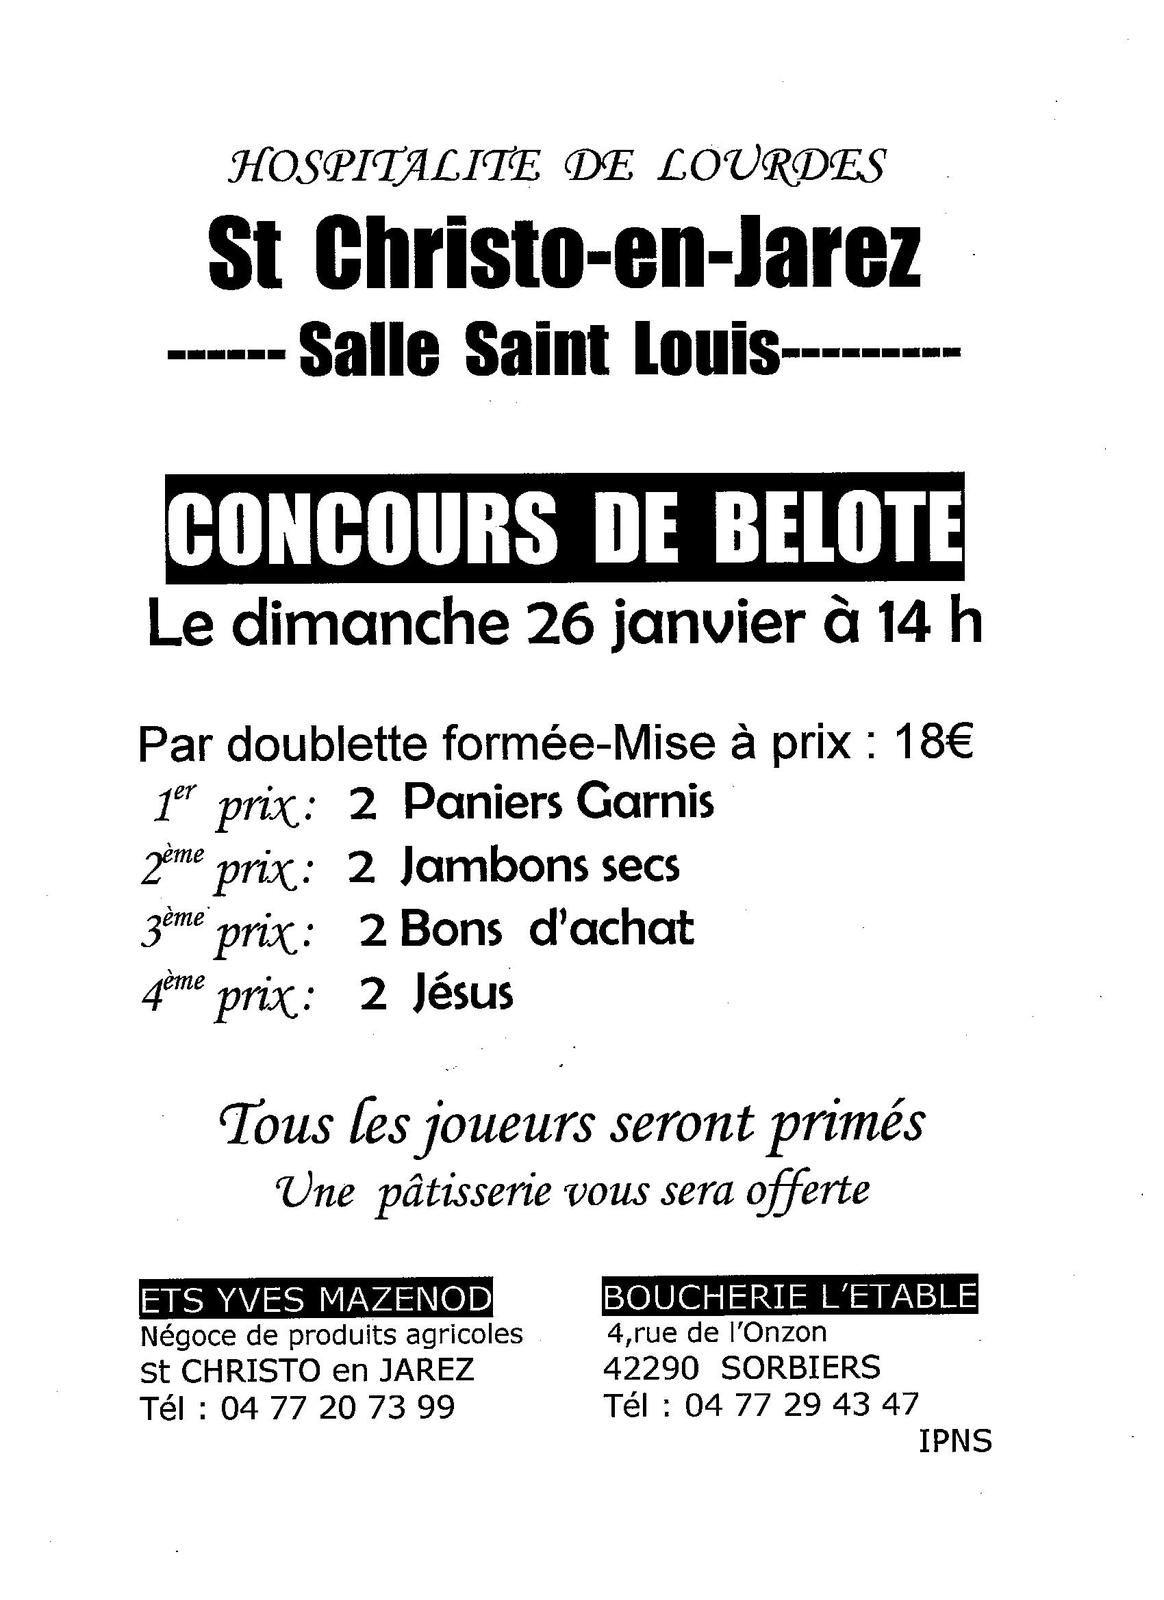 Concours de belote organisé par le groupe Valfleury- St Christo